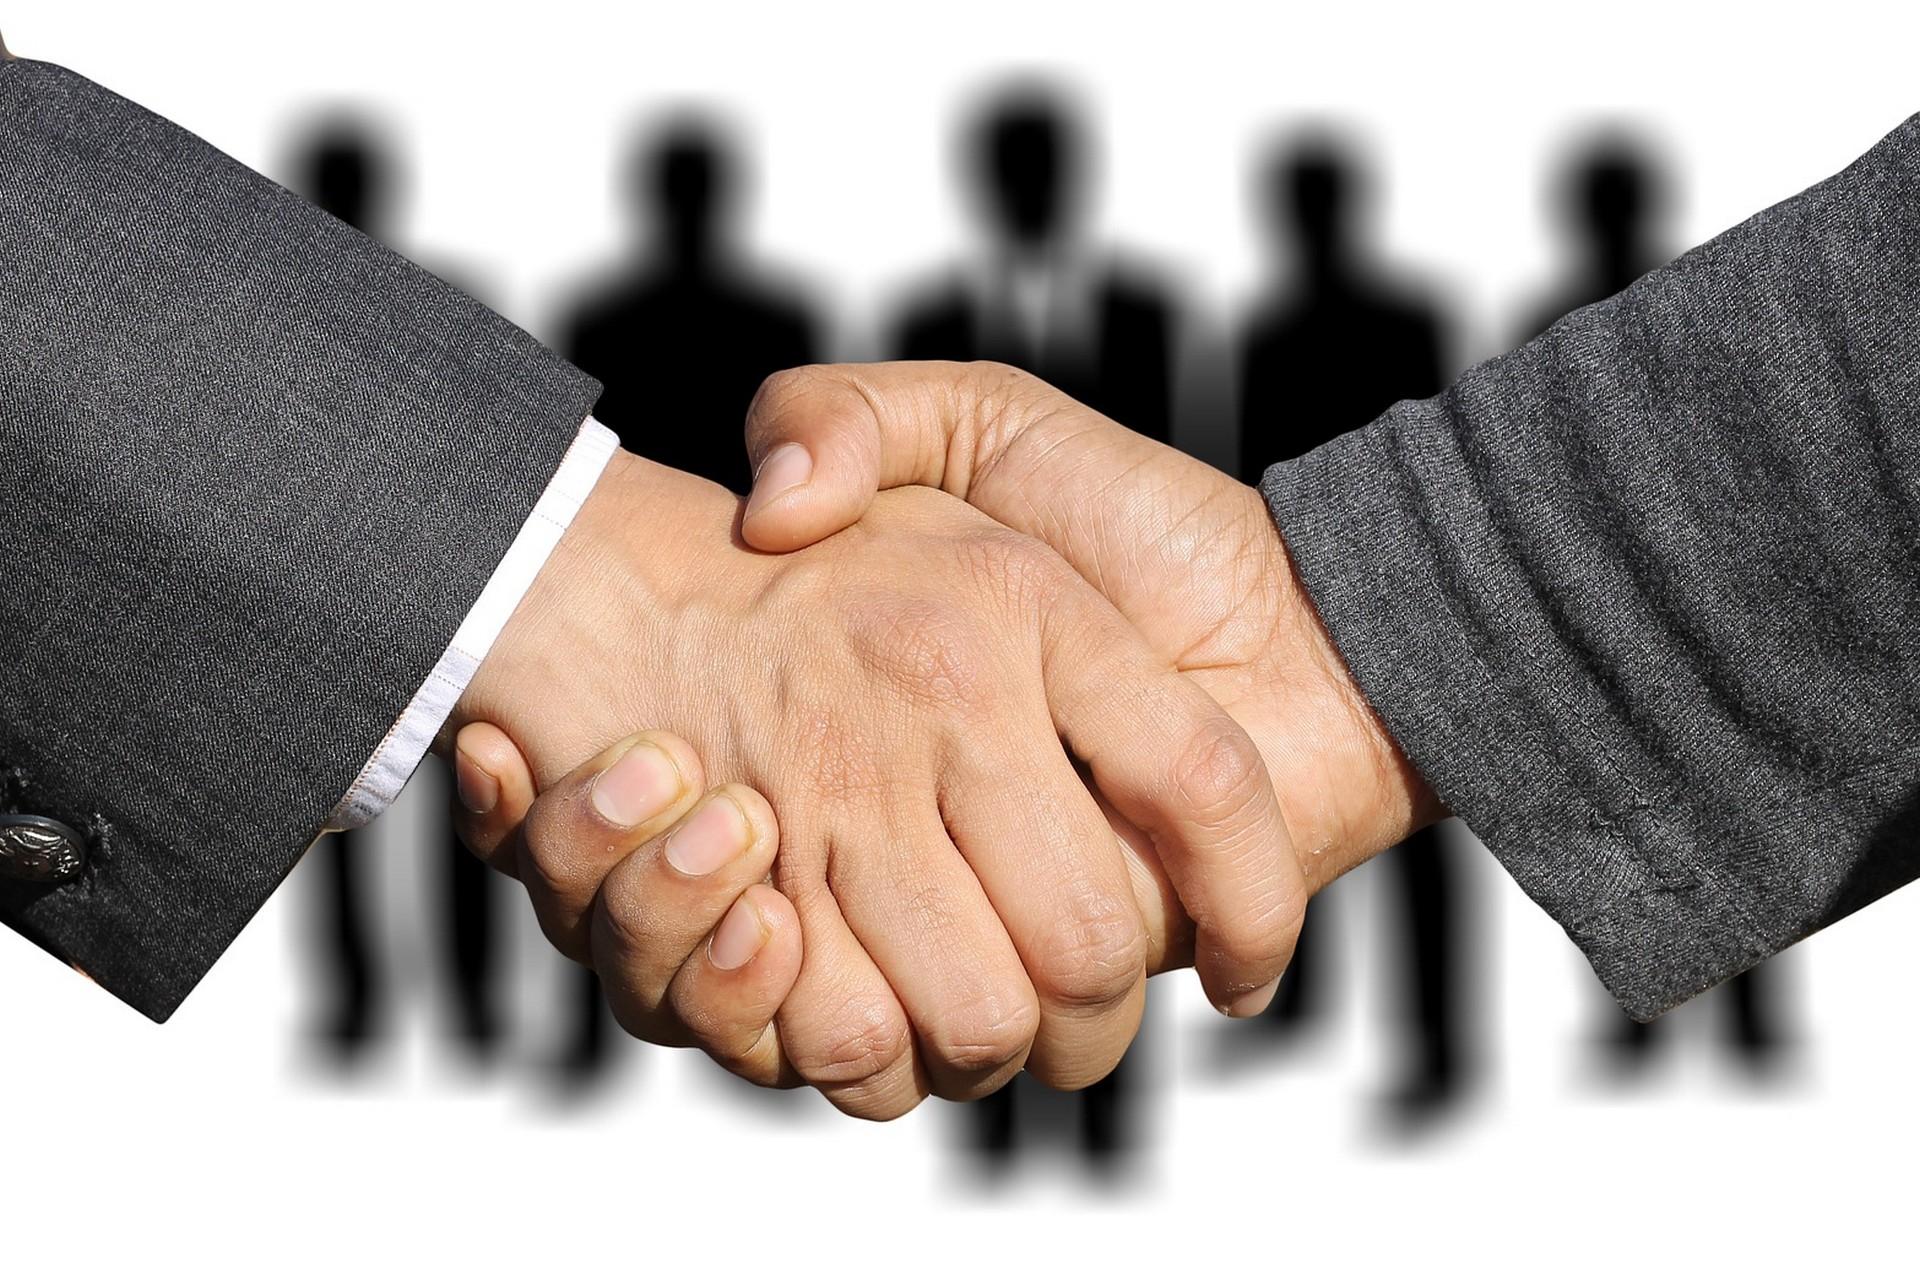 SALLE-SEMINAIRE-RECEPTION-CHERBOURG-IBIS-reunion-contrat-business-affaire